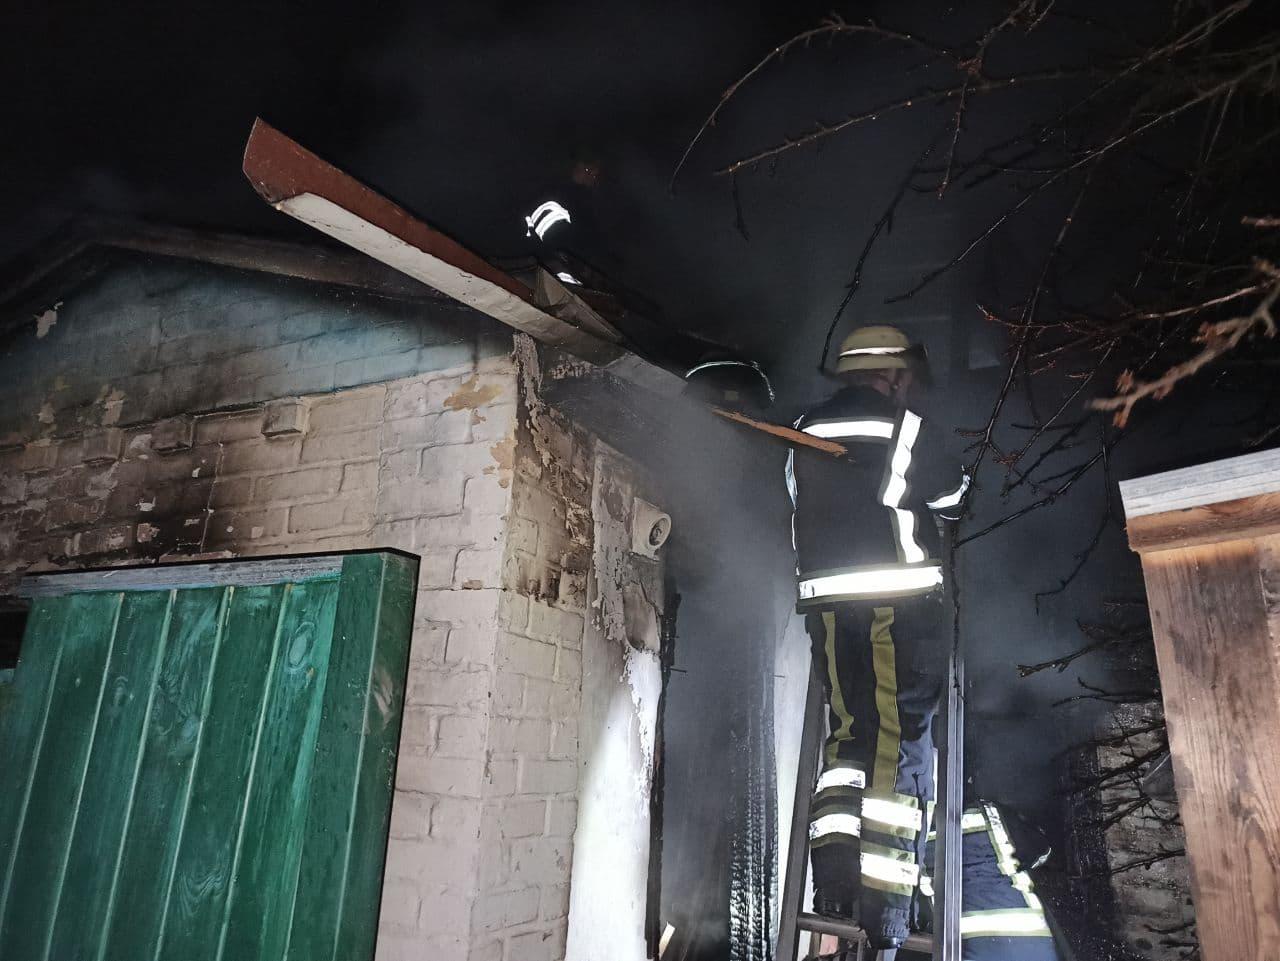 Нічна пожежа на Вишгородщині: загинула бабуся - смерть, рятувальники, пожежа будинку, Димер, Вишгородський район - Pozh3